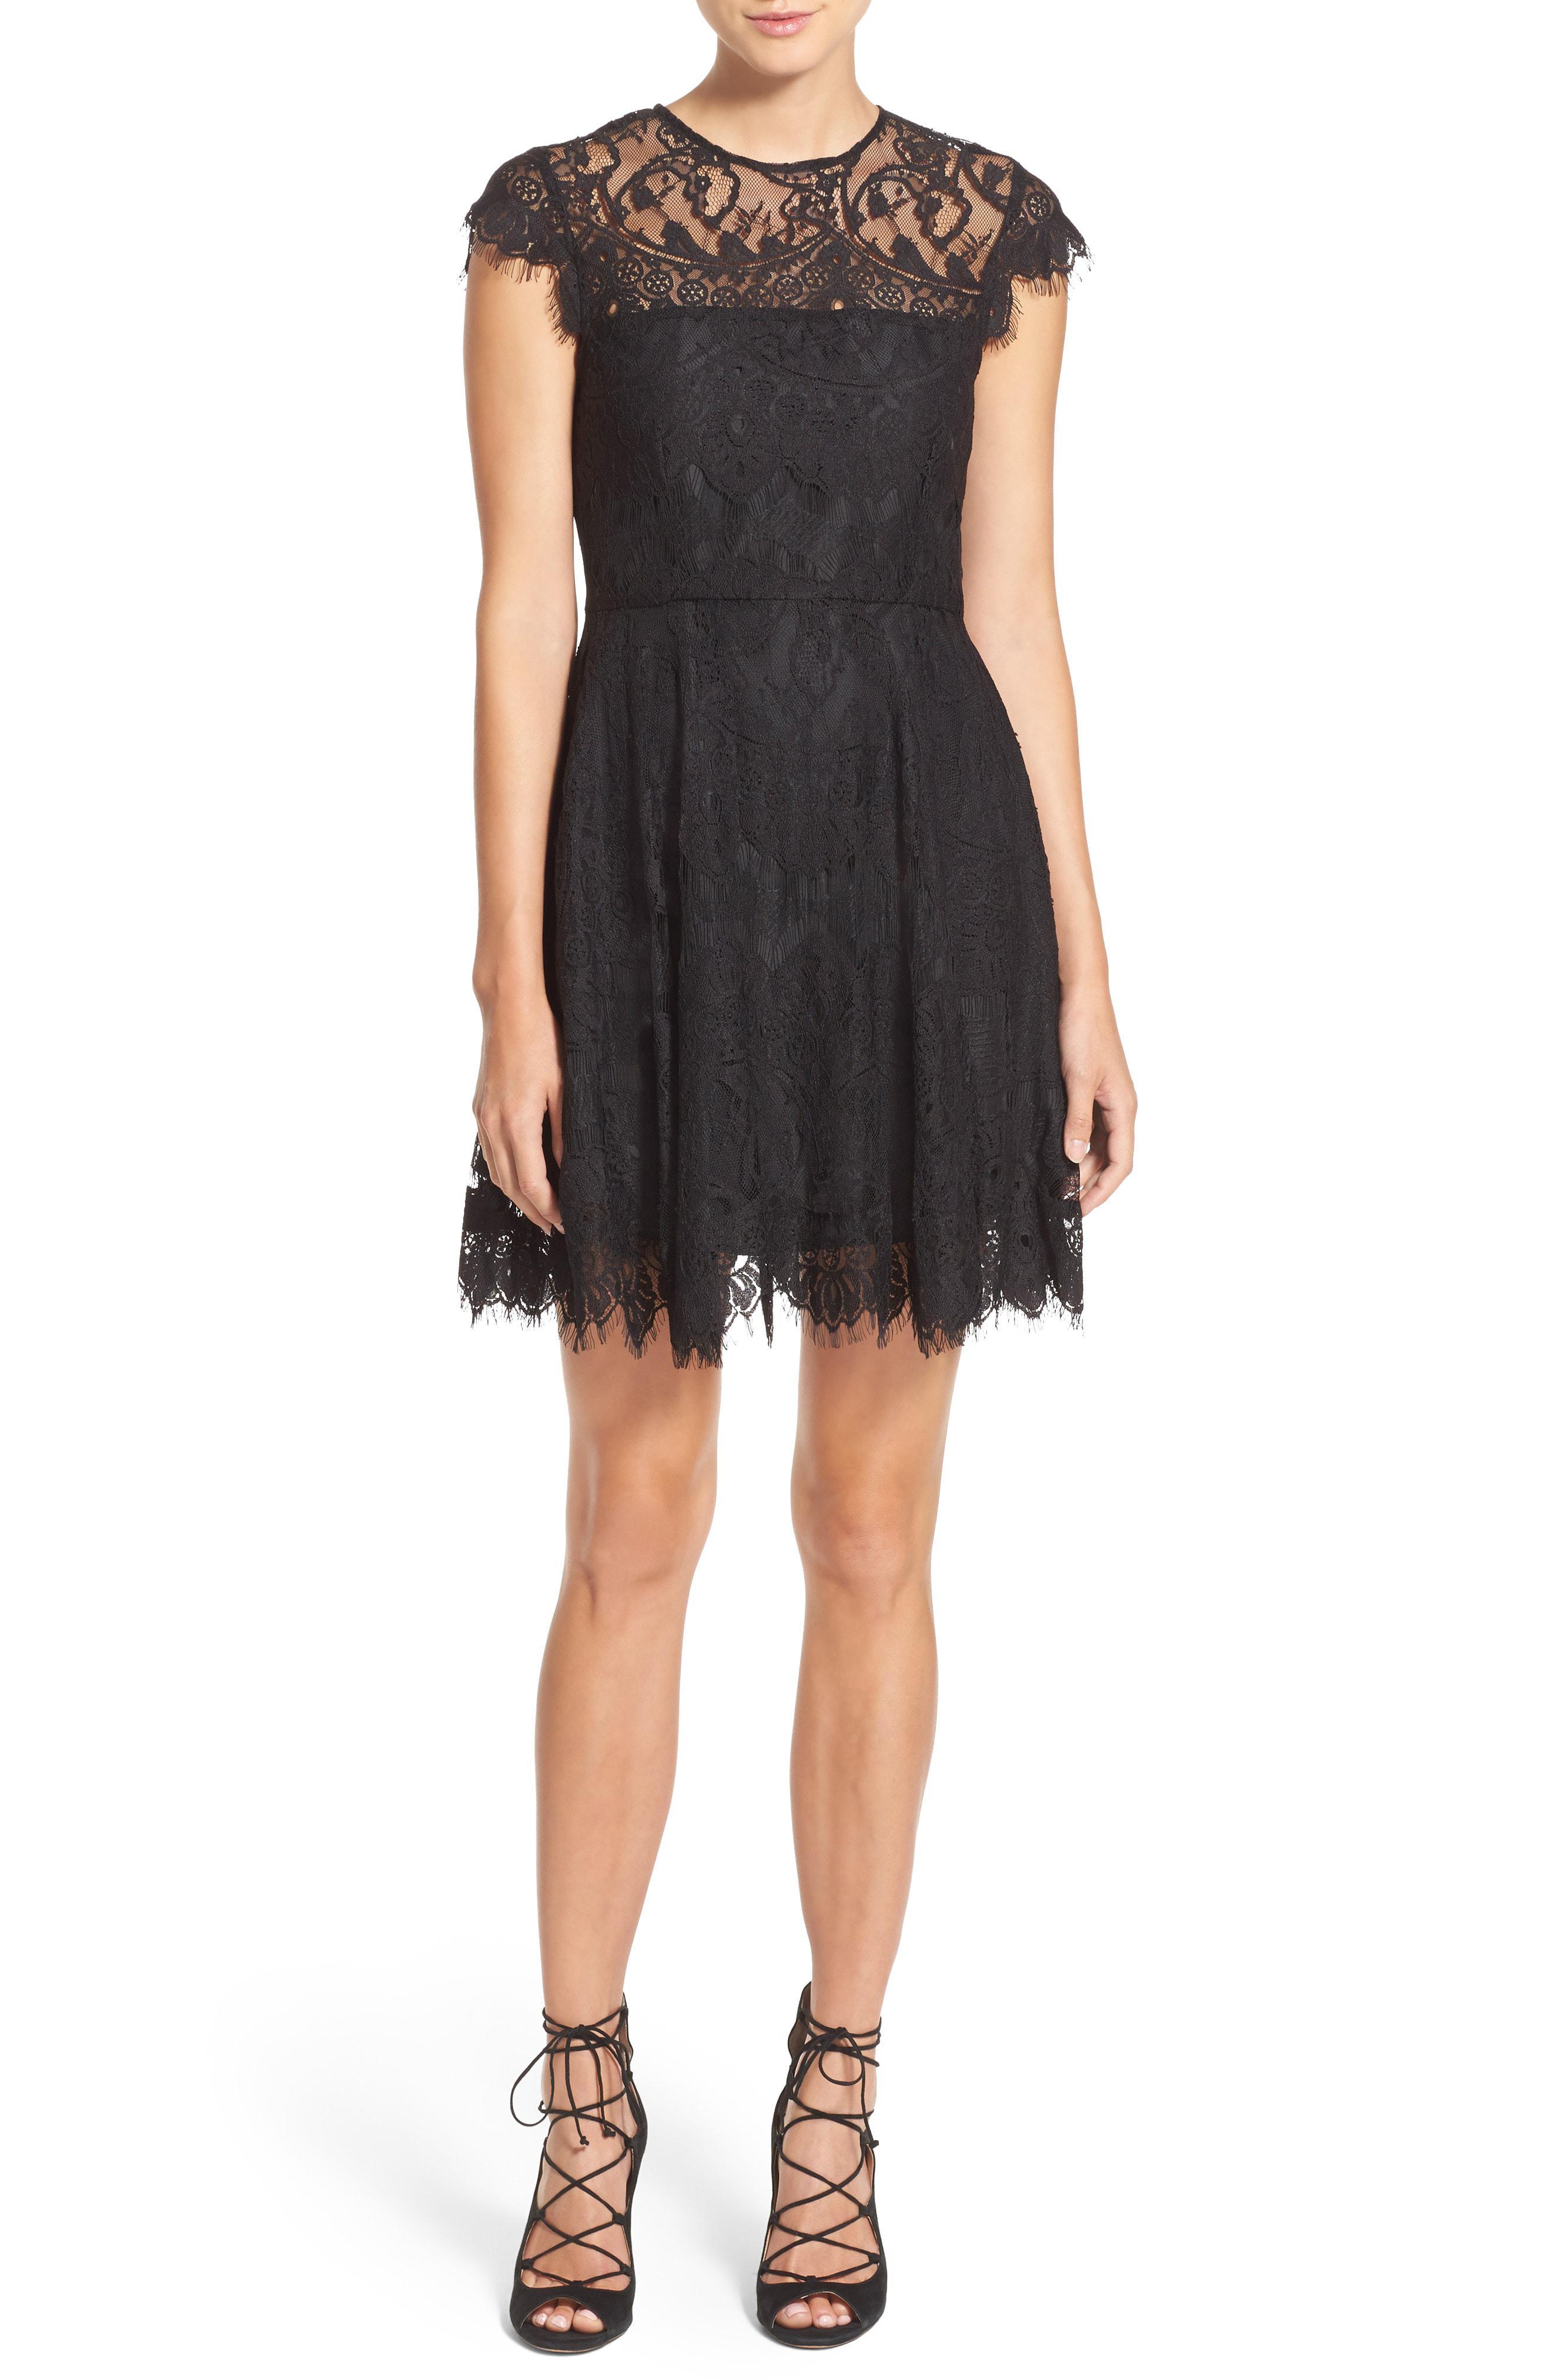 6a4faf658b0 Lyst - Bb Dakota  rhianna  Illusion Yoke Lace Fit   Flare Dress in Black